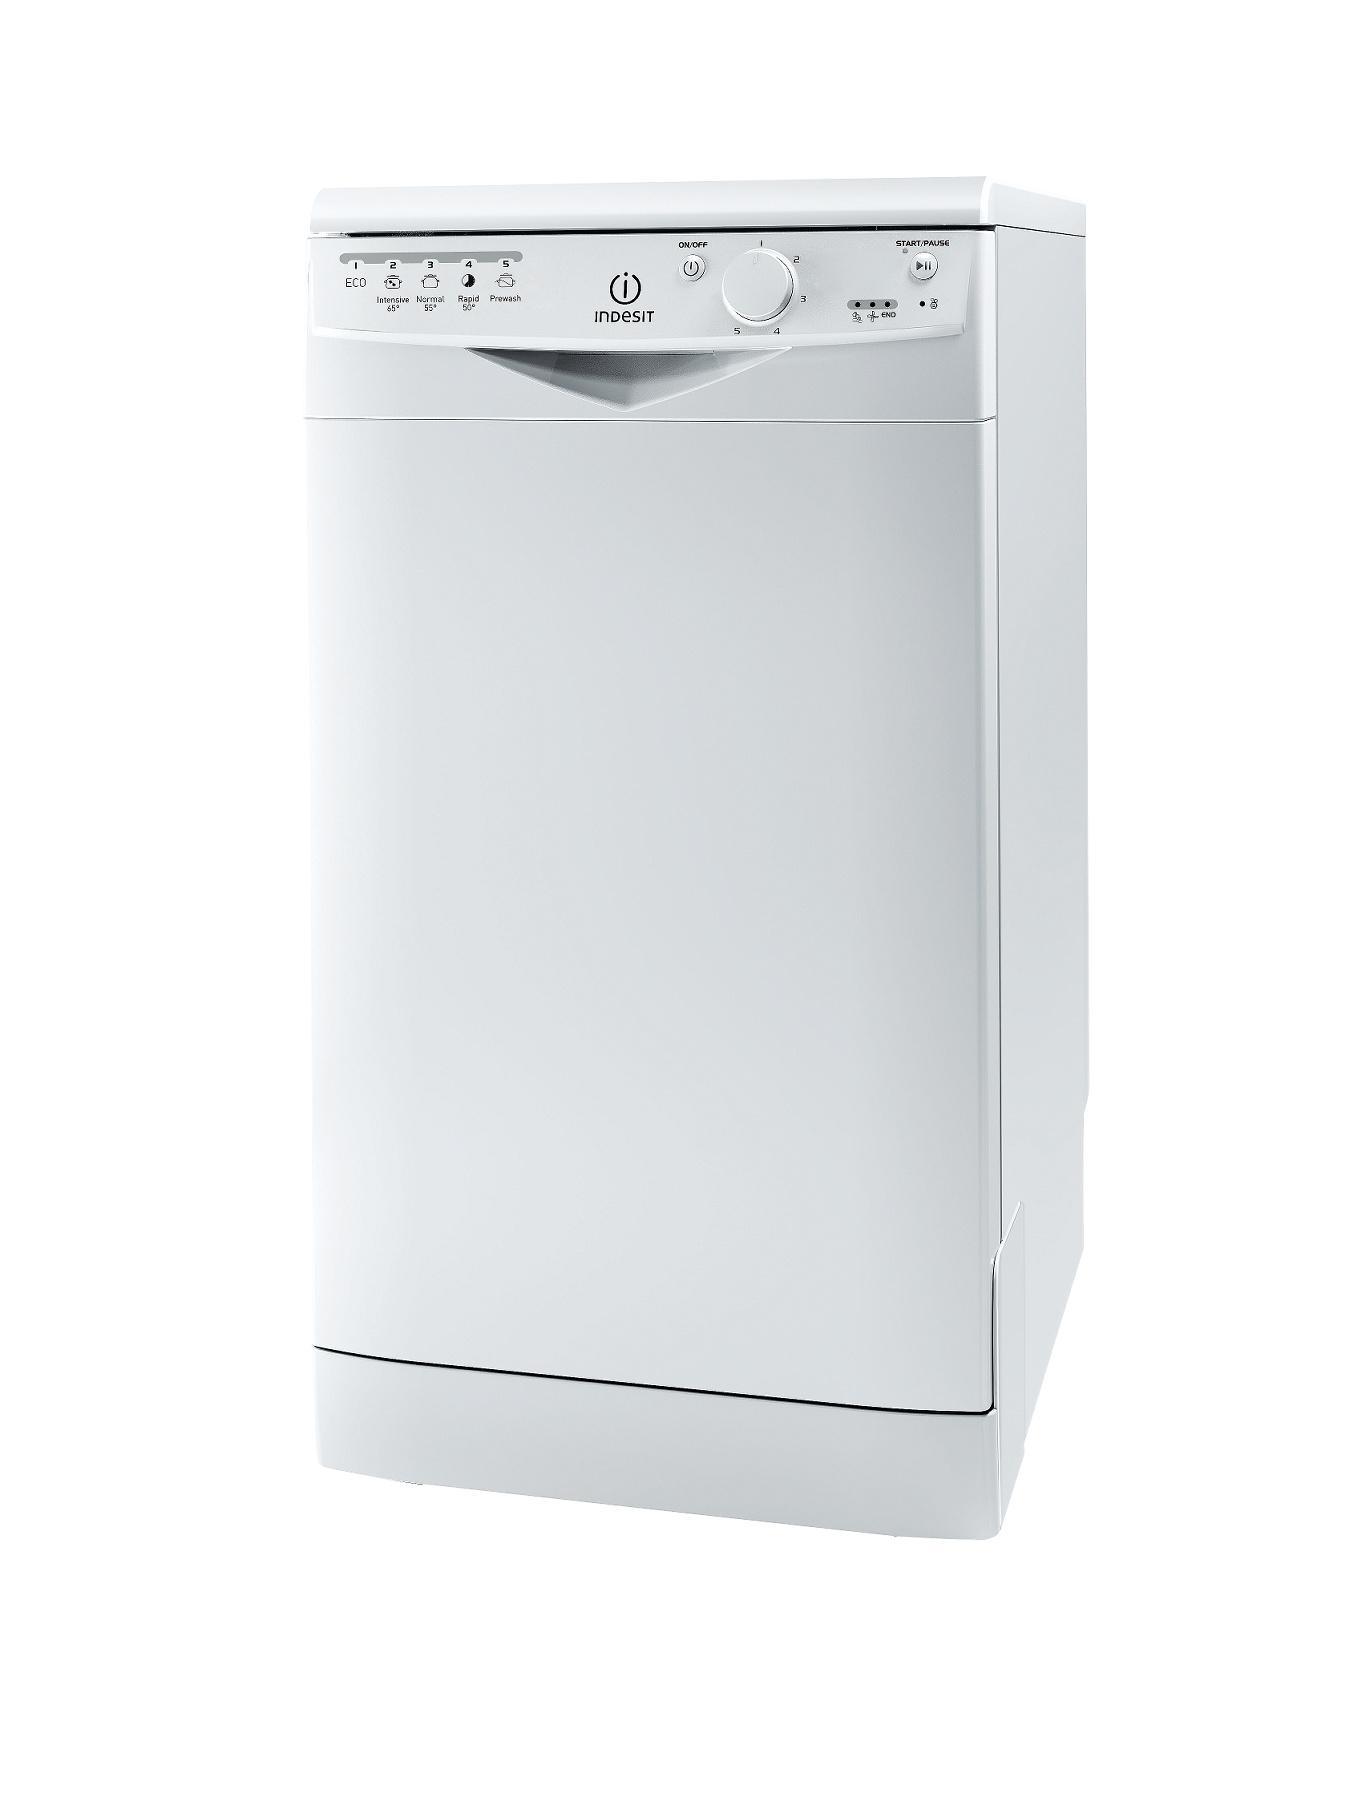 DSR15B 10-Place Slimline Dishwasher - White at Littlewoods